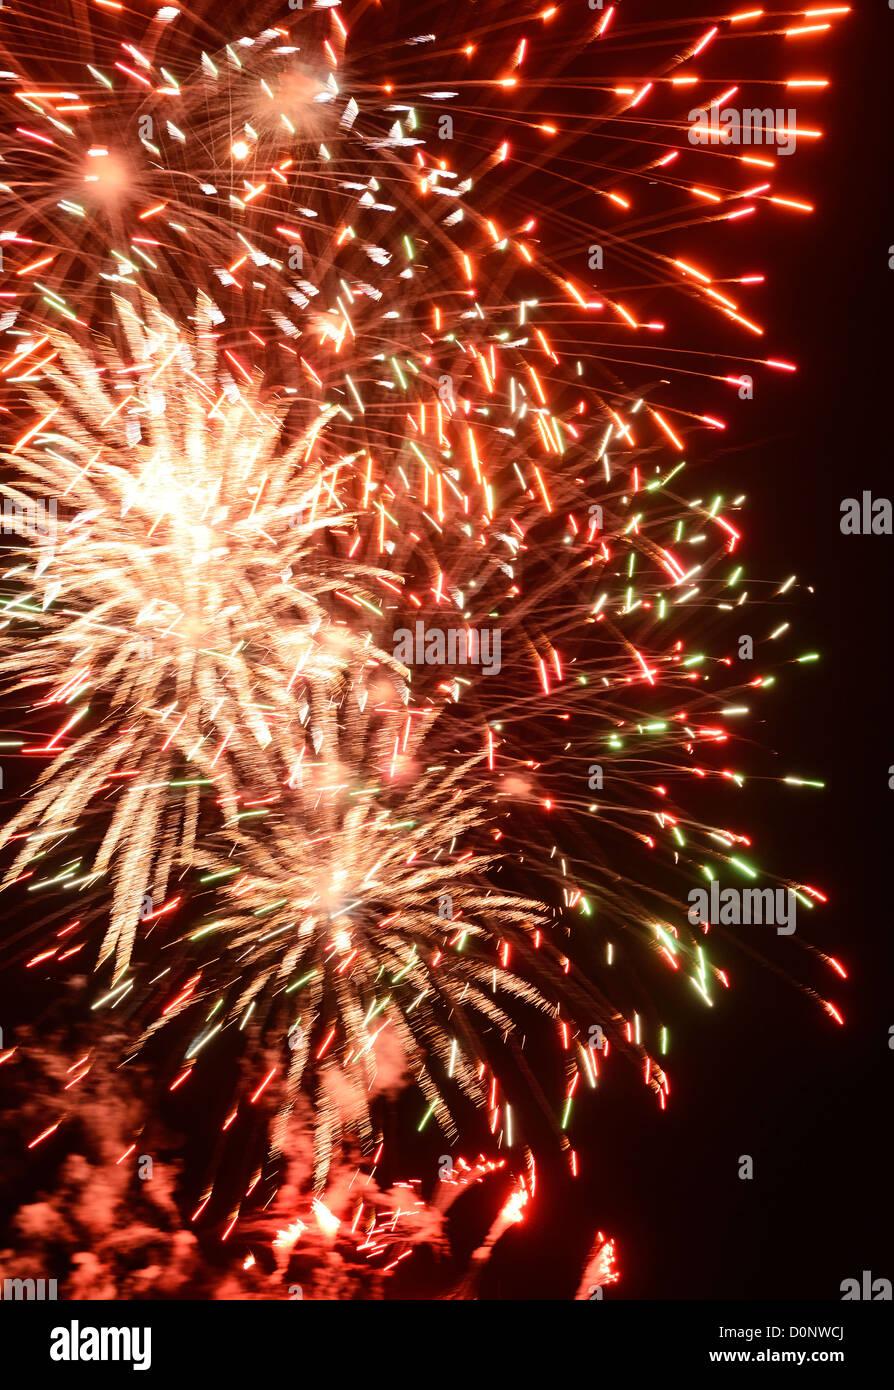 Explosión de fuegos artificiales Imagen De Stock